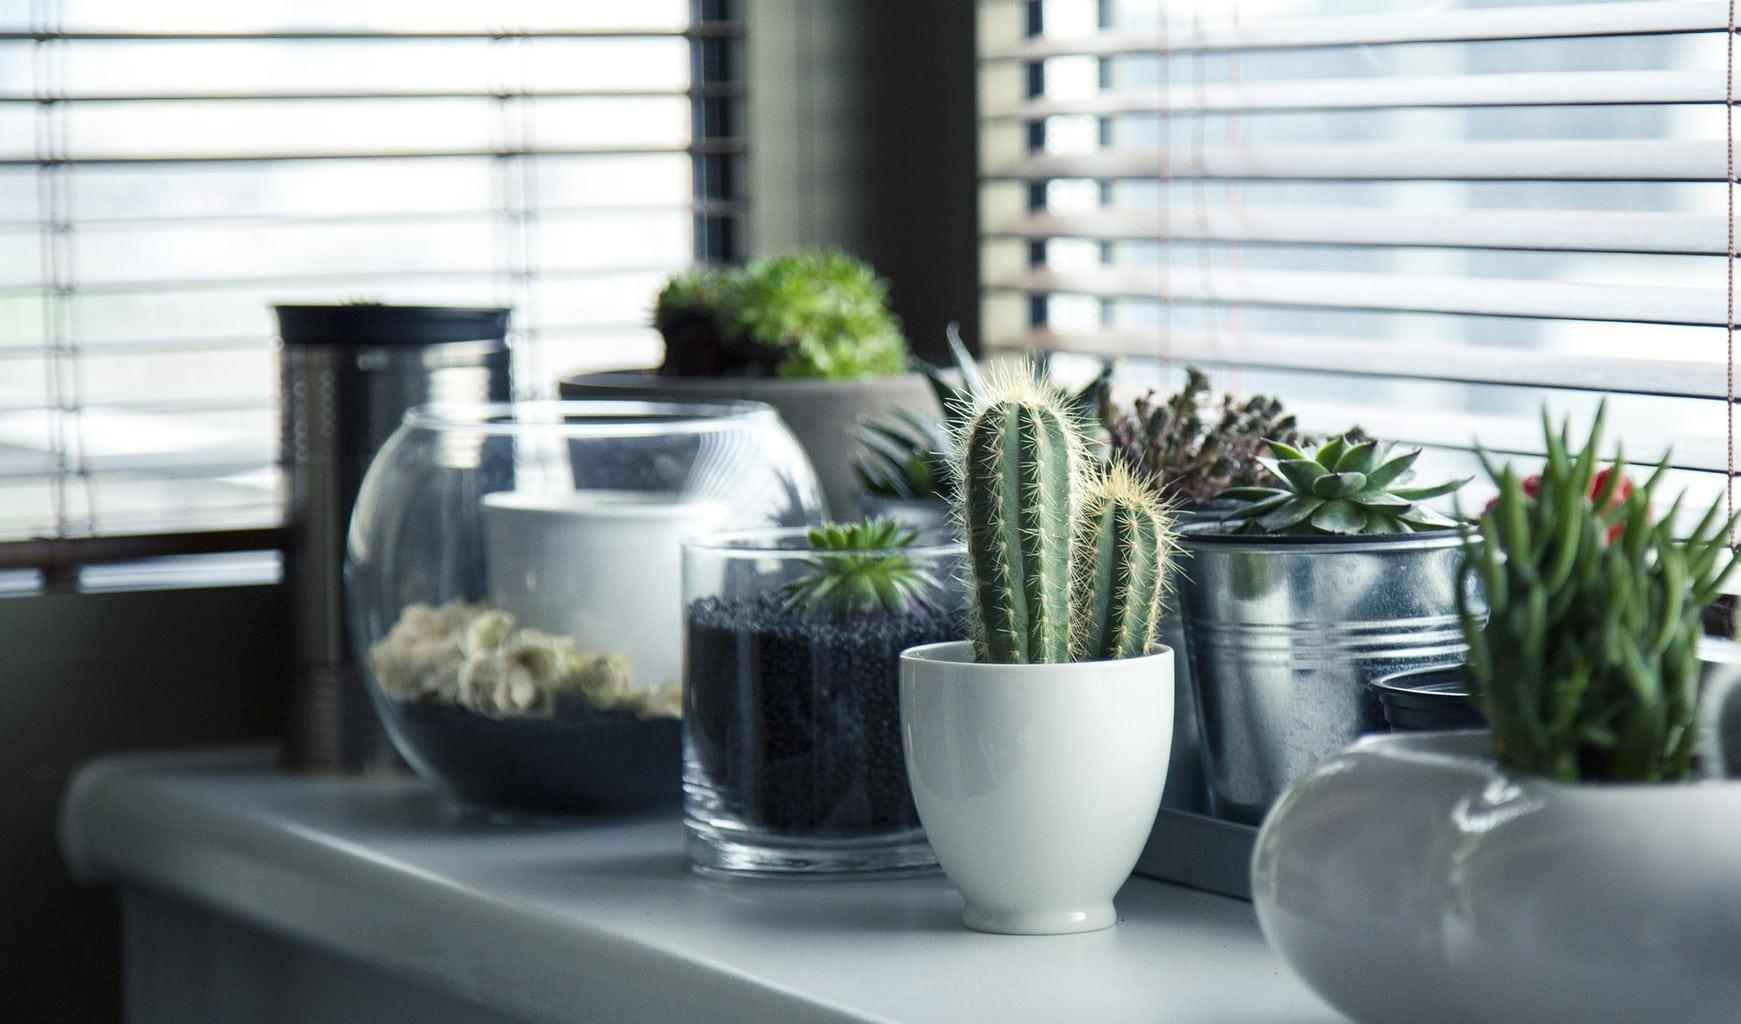 fotografía de macetas con plantas